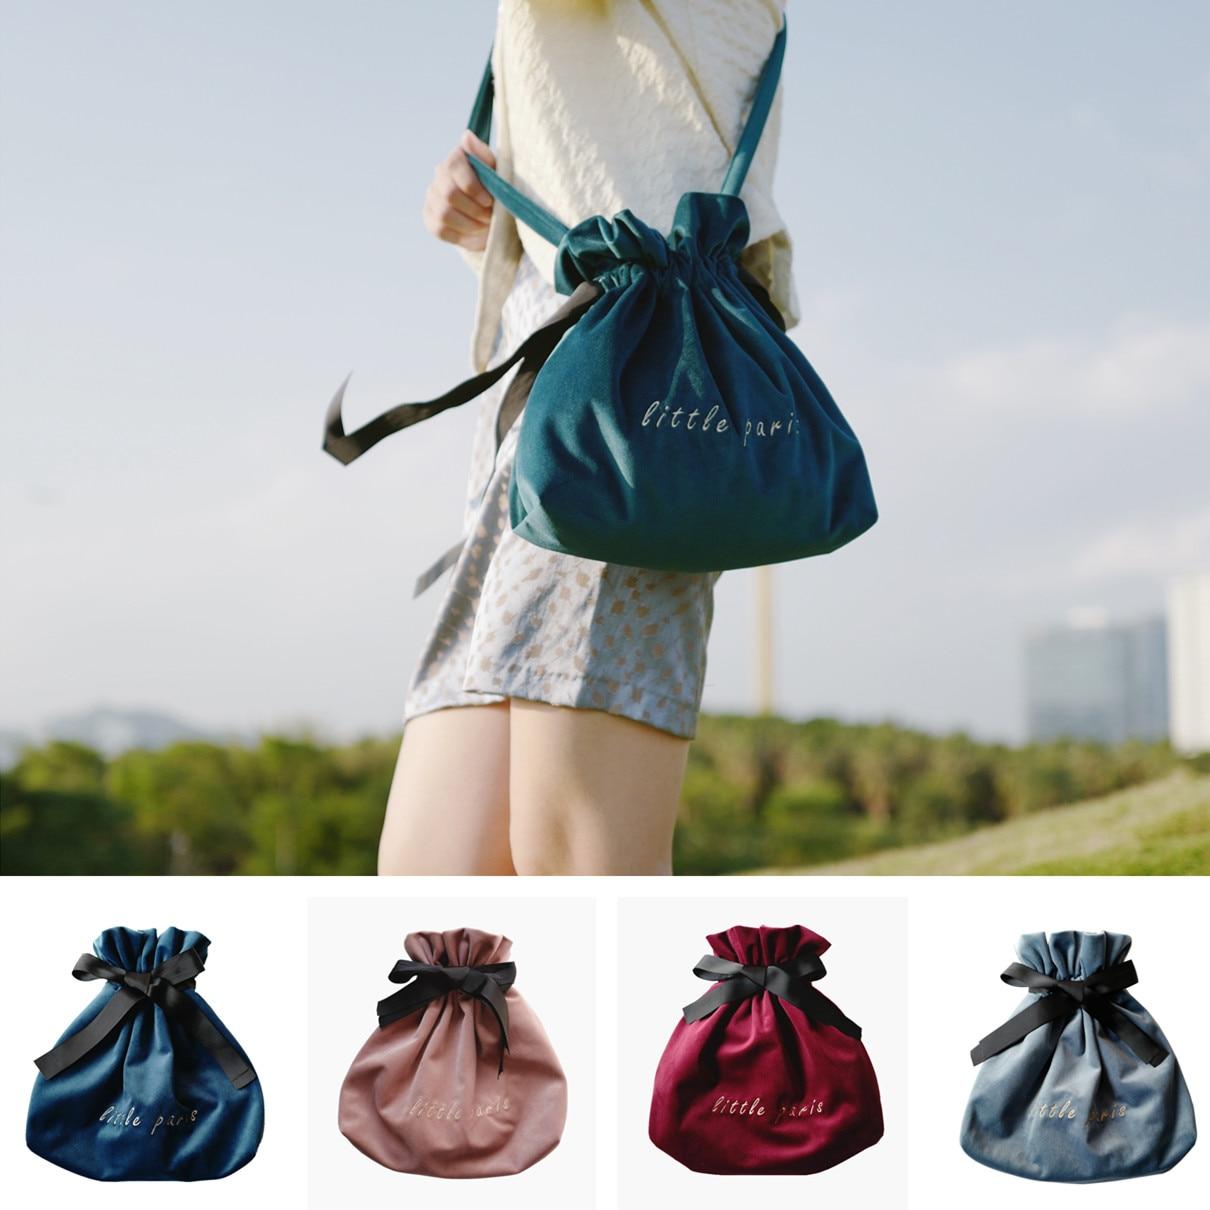 Little Paris Handmade Retro Velvet Embroidered Shoulder Bag Feel Silky Bucket Bag Women's  Drawstring Bag